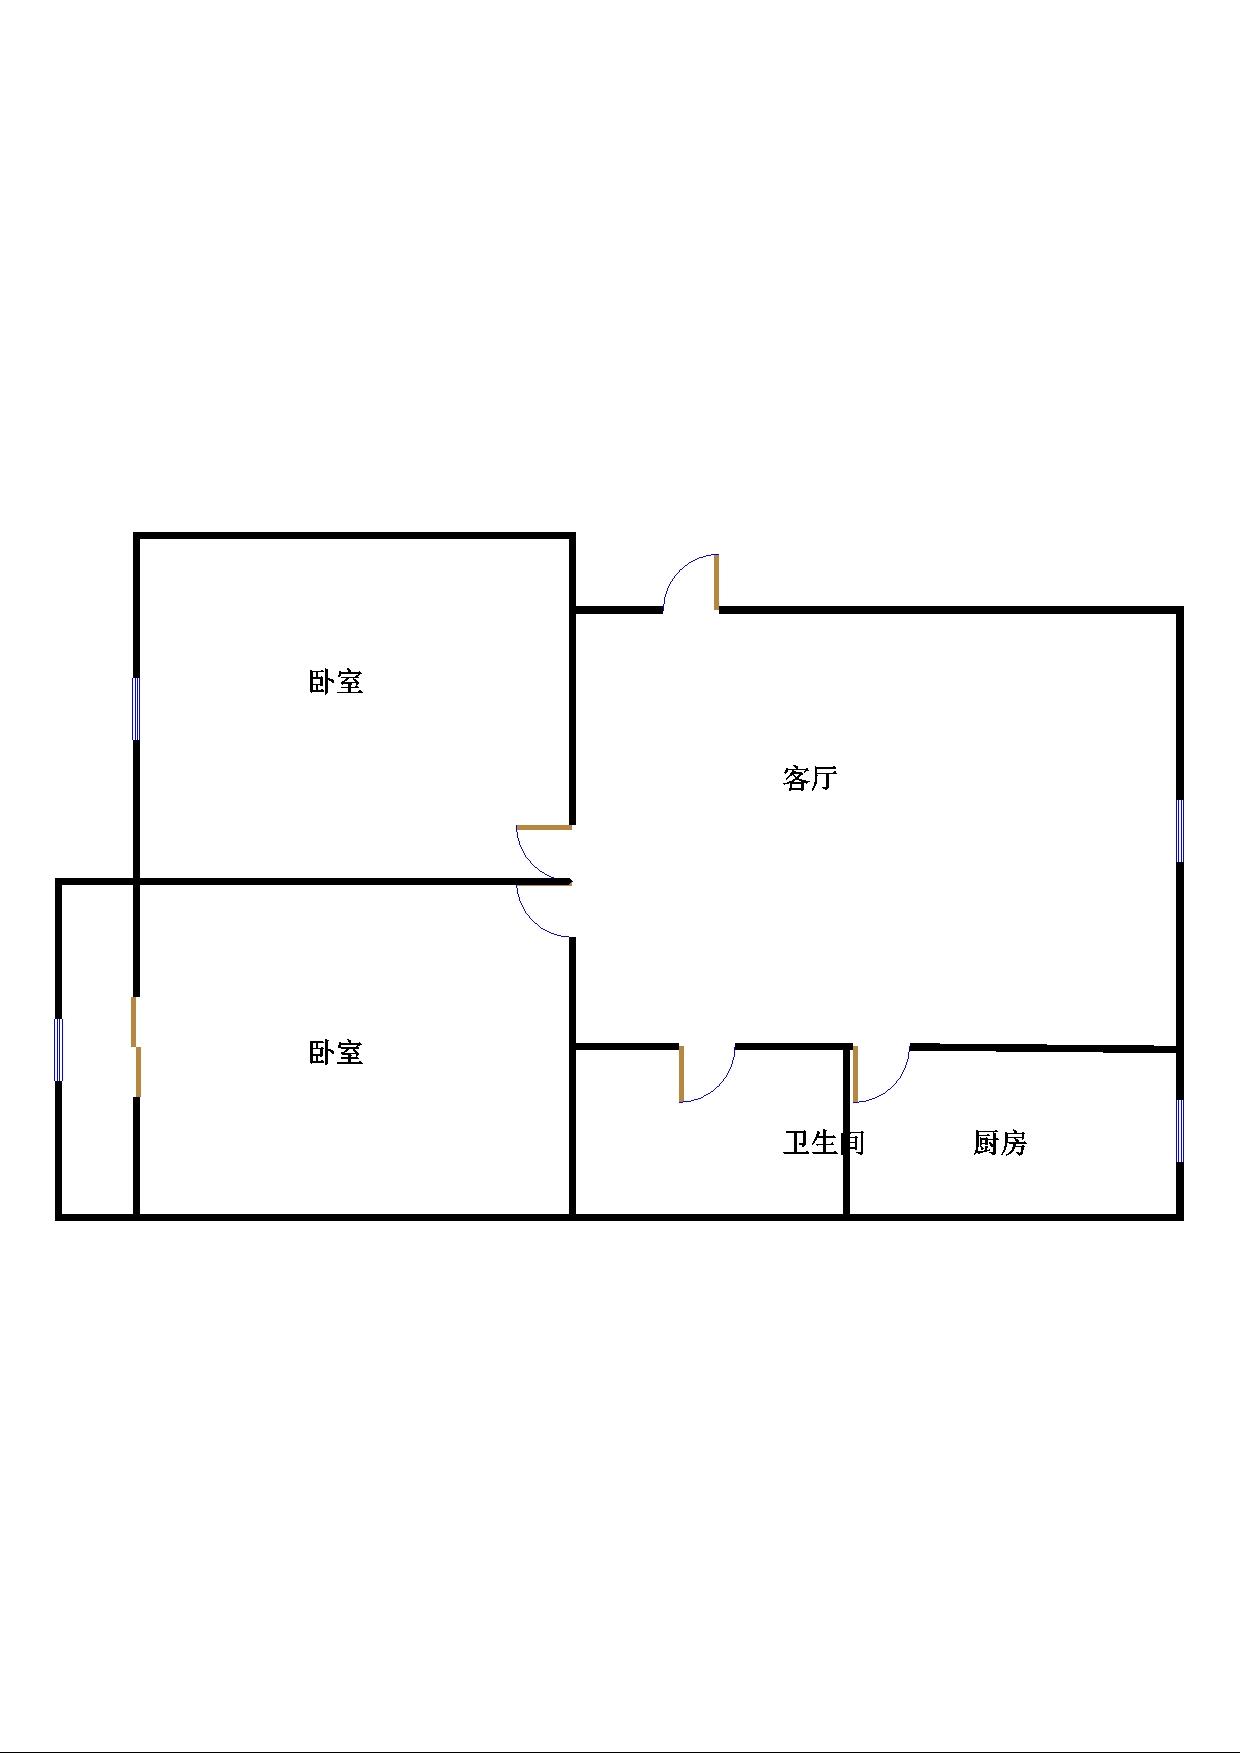 北园小区 2室1厅 双证齐全 简装 56万